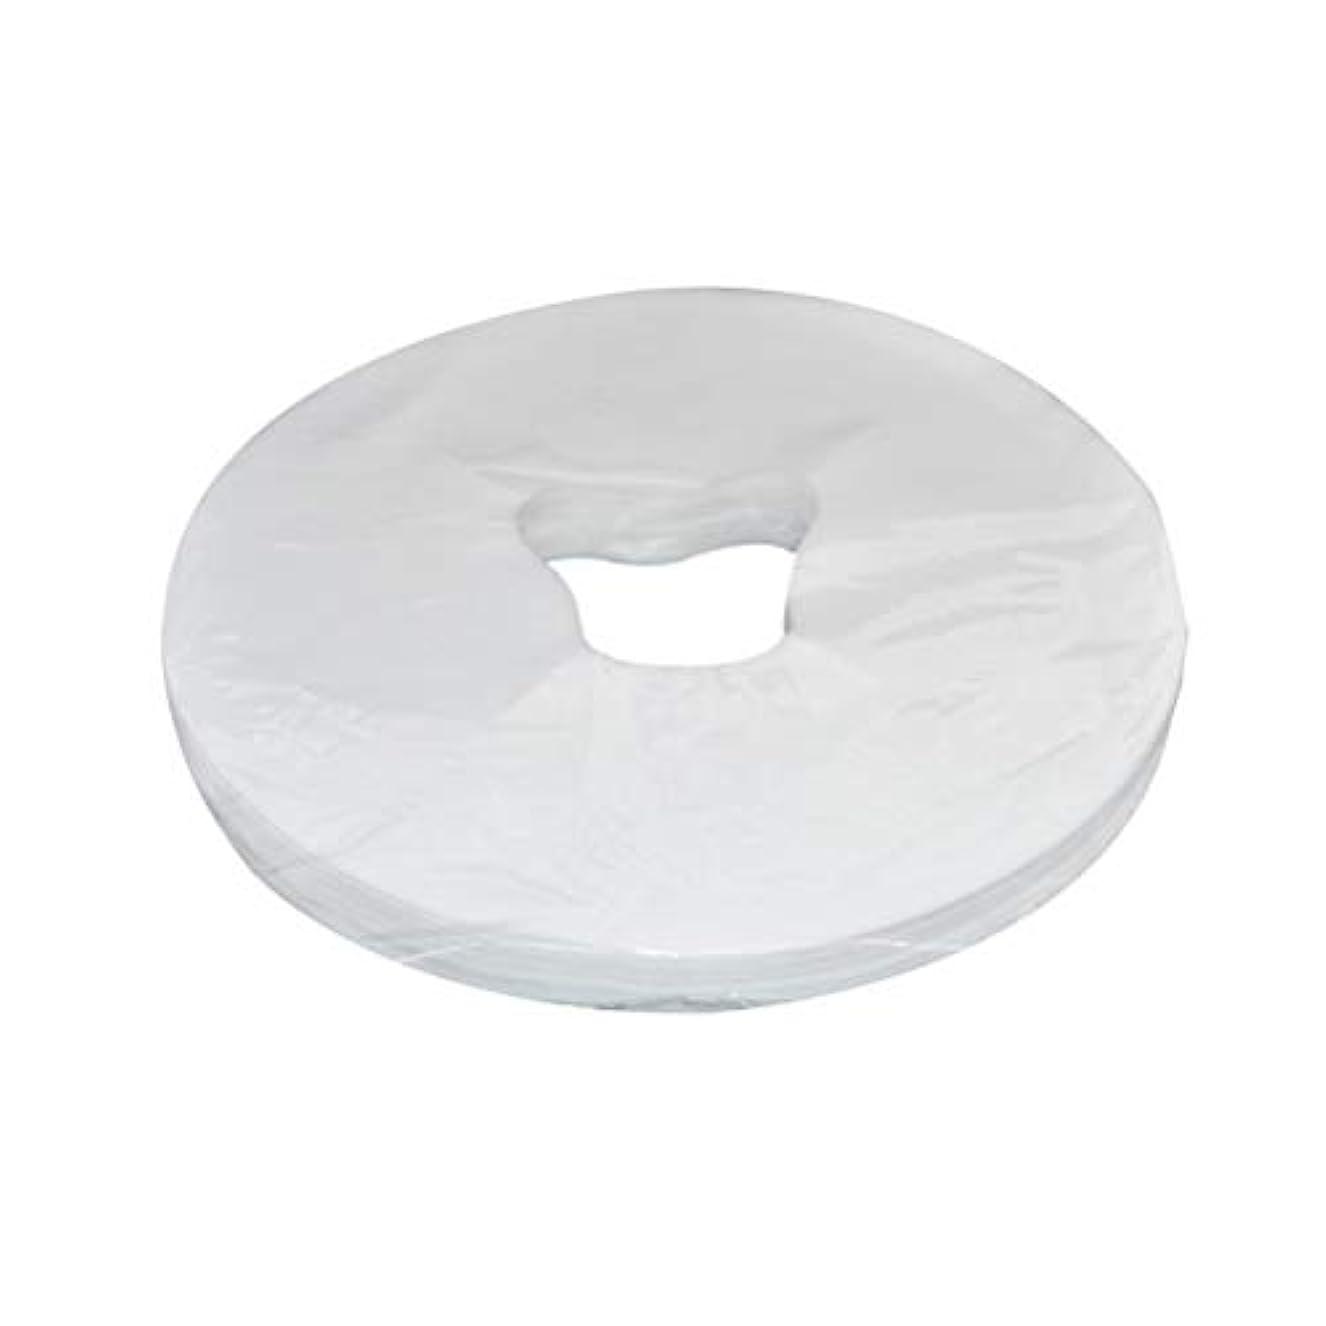 アレルギー性グラマー微生物Healifty 100シート無織布巾 使い捨て マッサージフェイスピローカバー フェイスカバー ヘッドレストピローシート(ホワイト)